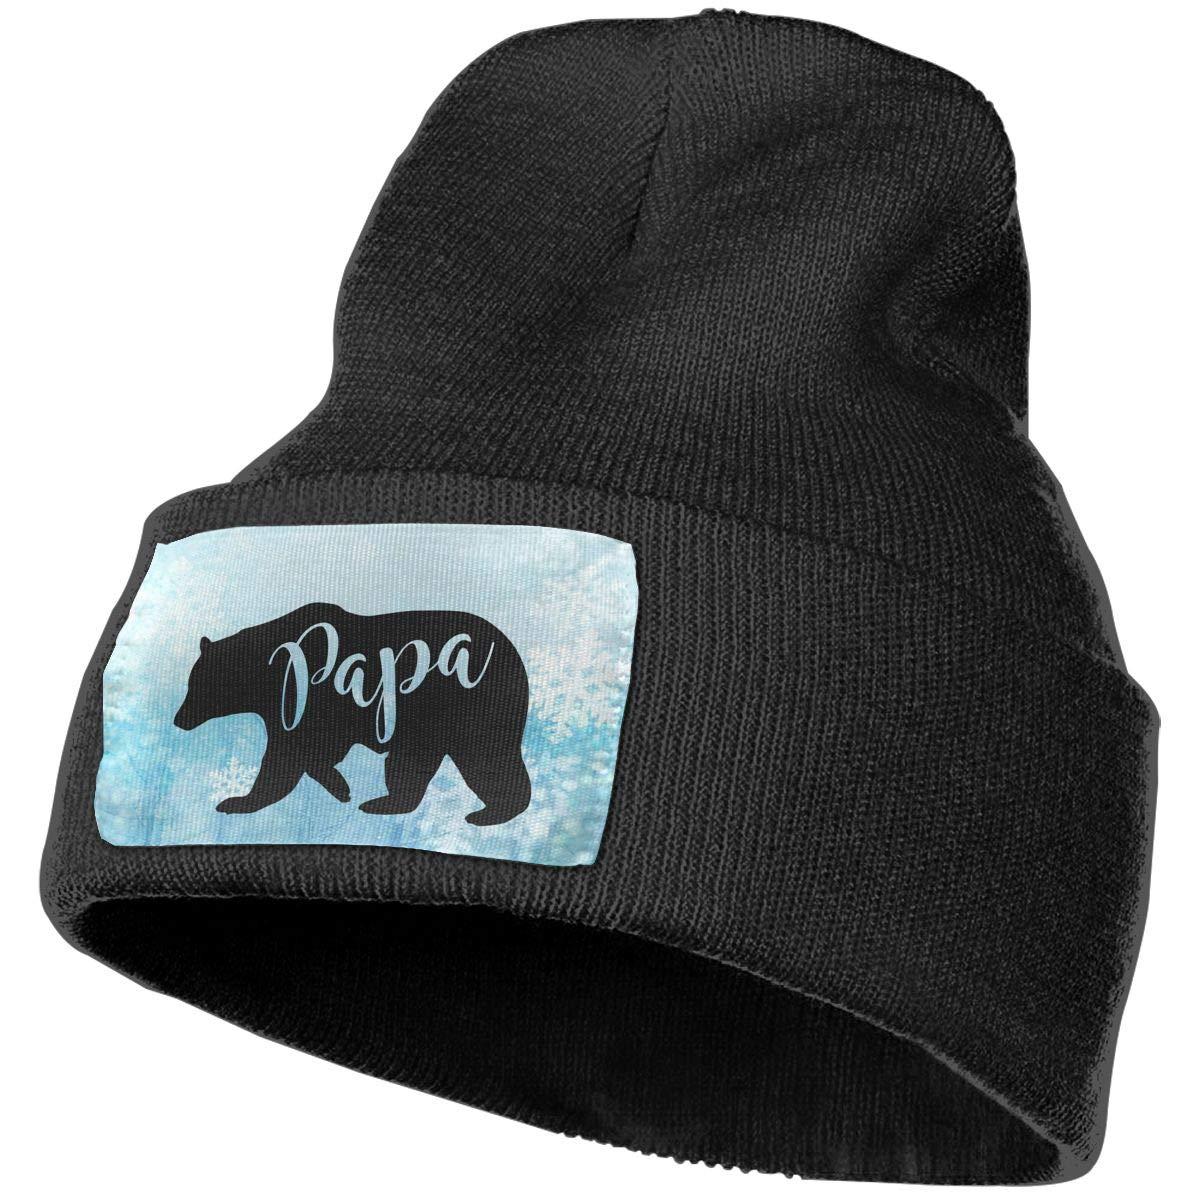 Papa Bear Winter Beanie Hat Knit Skull Cap for for Men /& Women